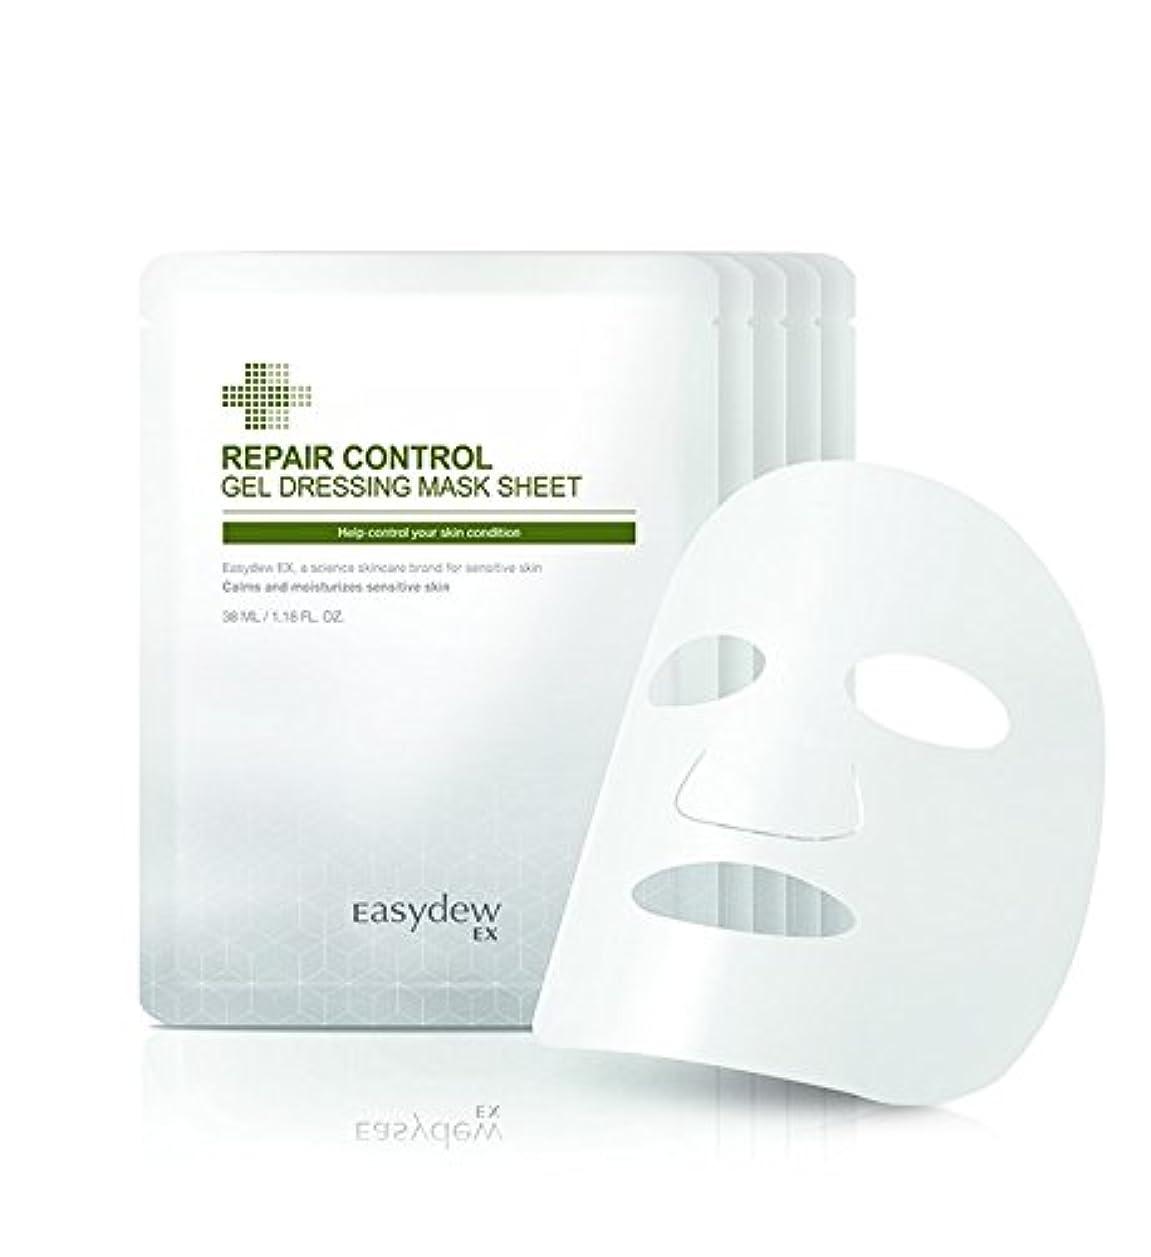 オート食品イチゴデウン製薬 リペア コントロール ゲルドレッシング マスクシートー38ml X 5枚セット. Repair Control Gel Dressing Mask Sheet 38ml X 5P set.